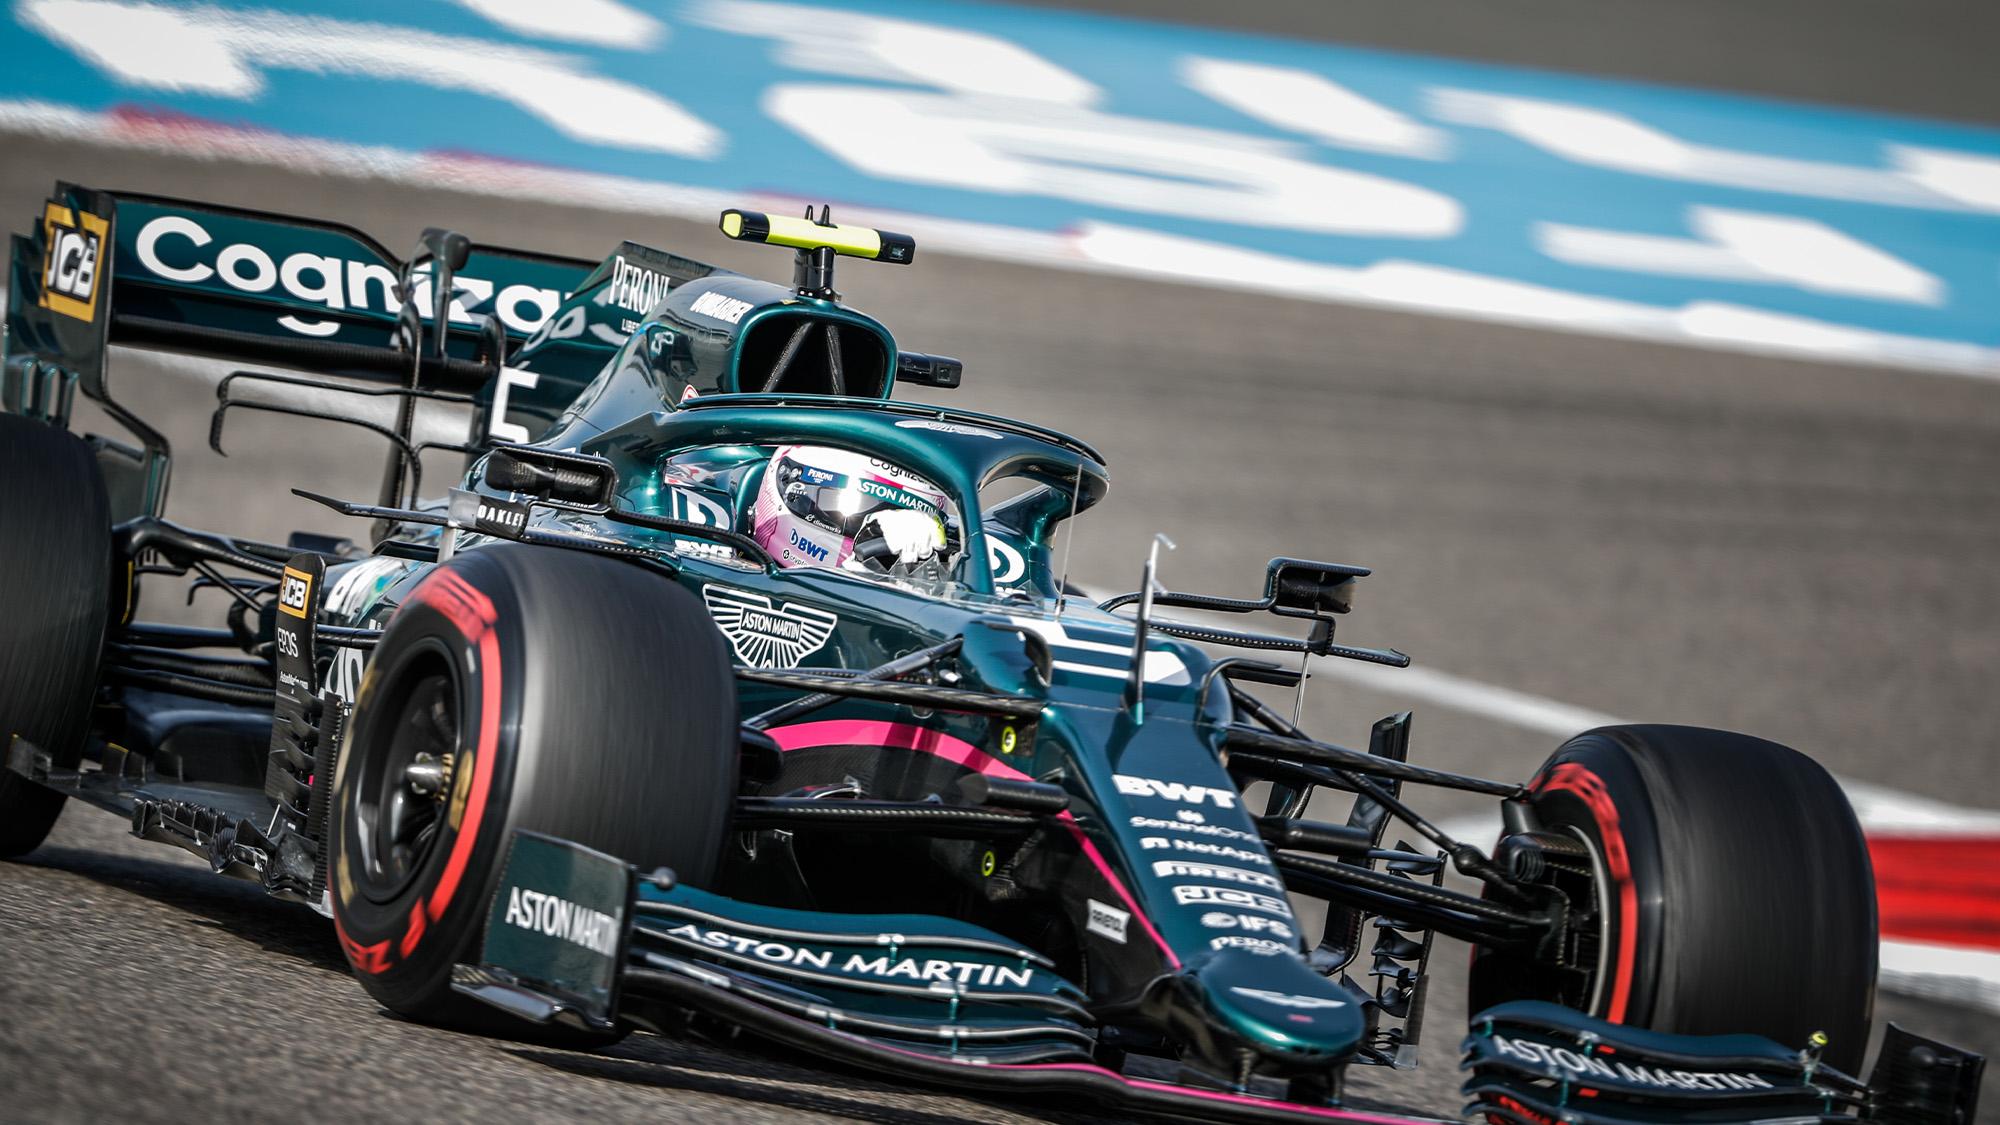 Sebastian Vettel during the 2021 Bahrain Grand Prix